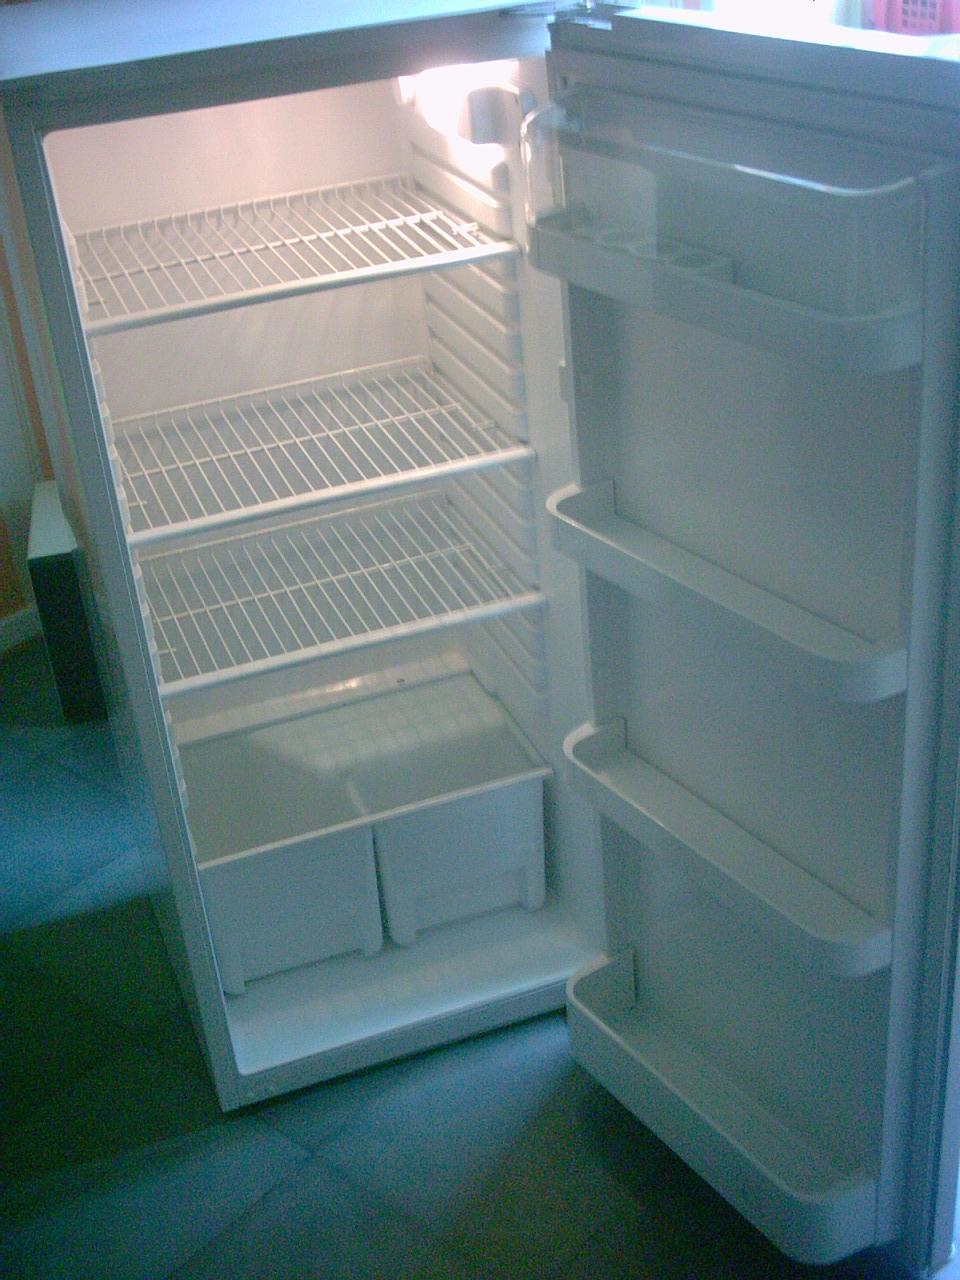 Kühlschrank Siltal 923 in leverkusen | Möbel und Haushalt ...